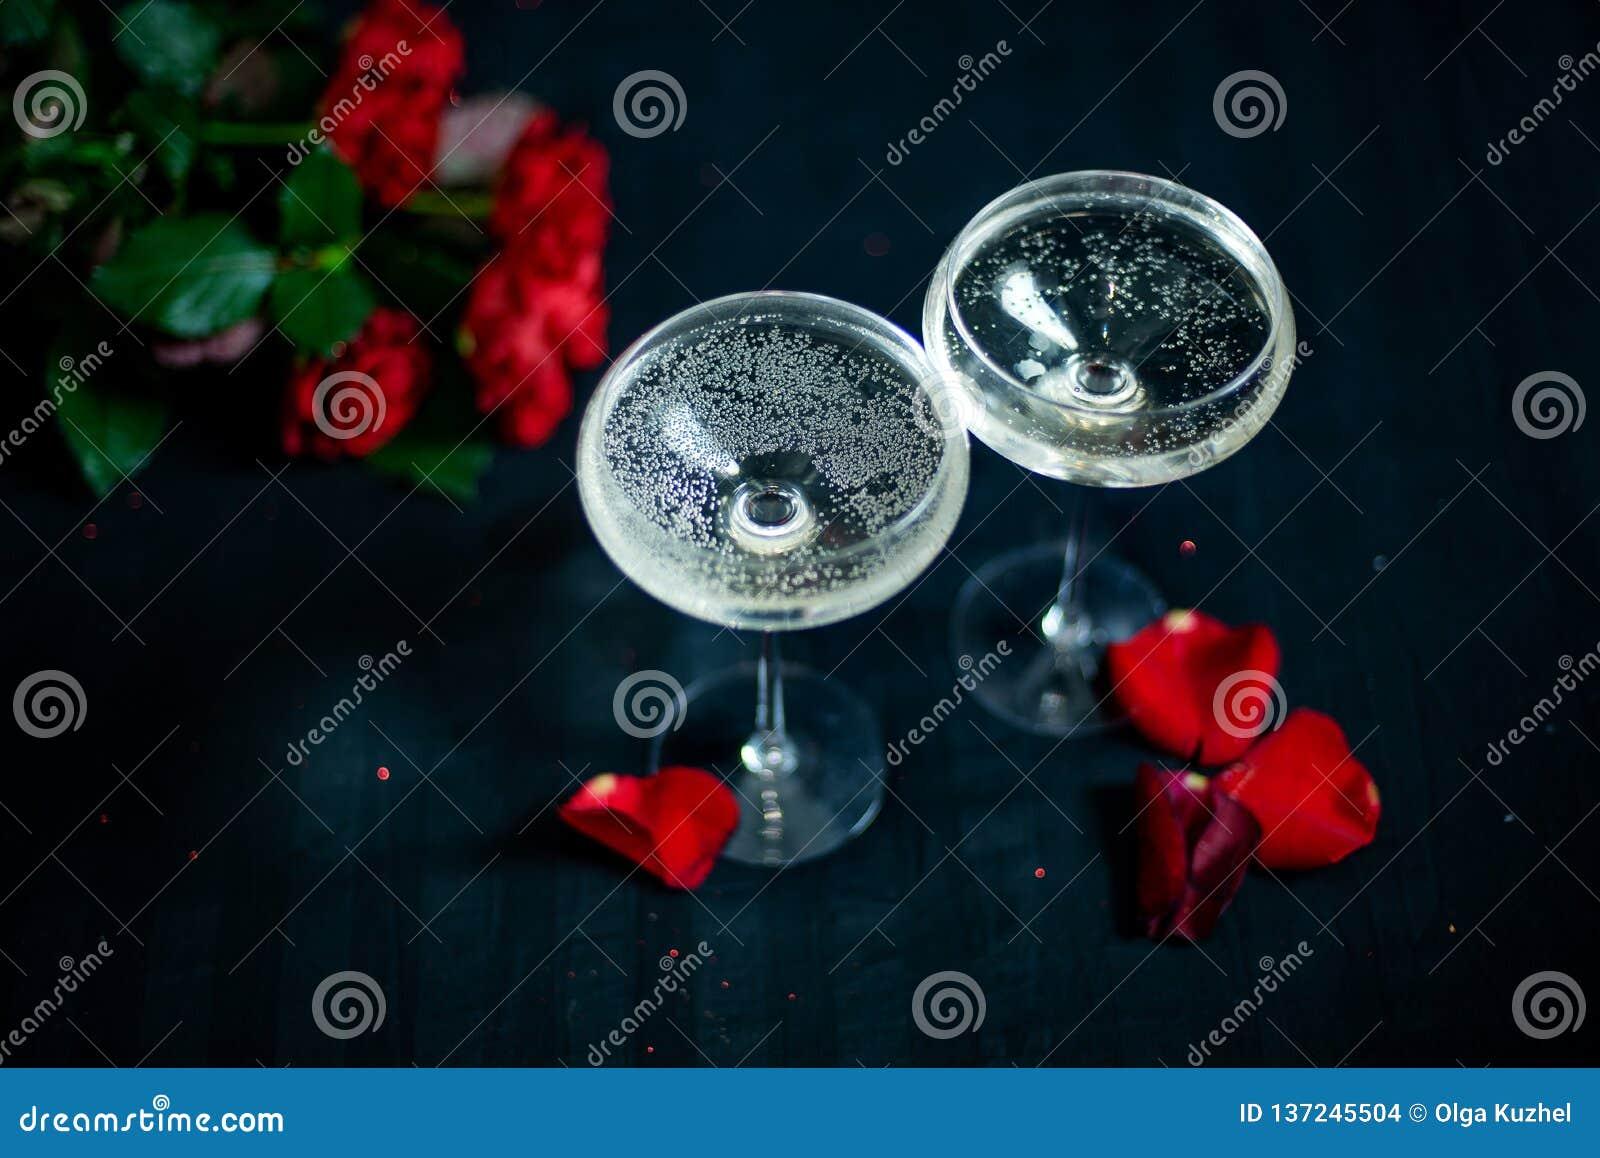 Twee glazen met witte champagne en bloemblaadjes van rode rozen op de zwarte achtergrond